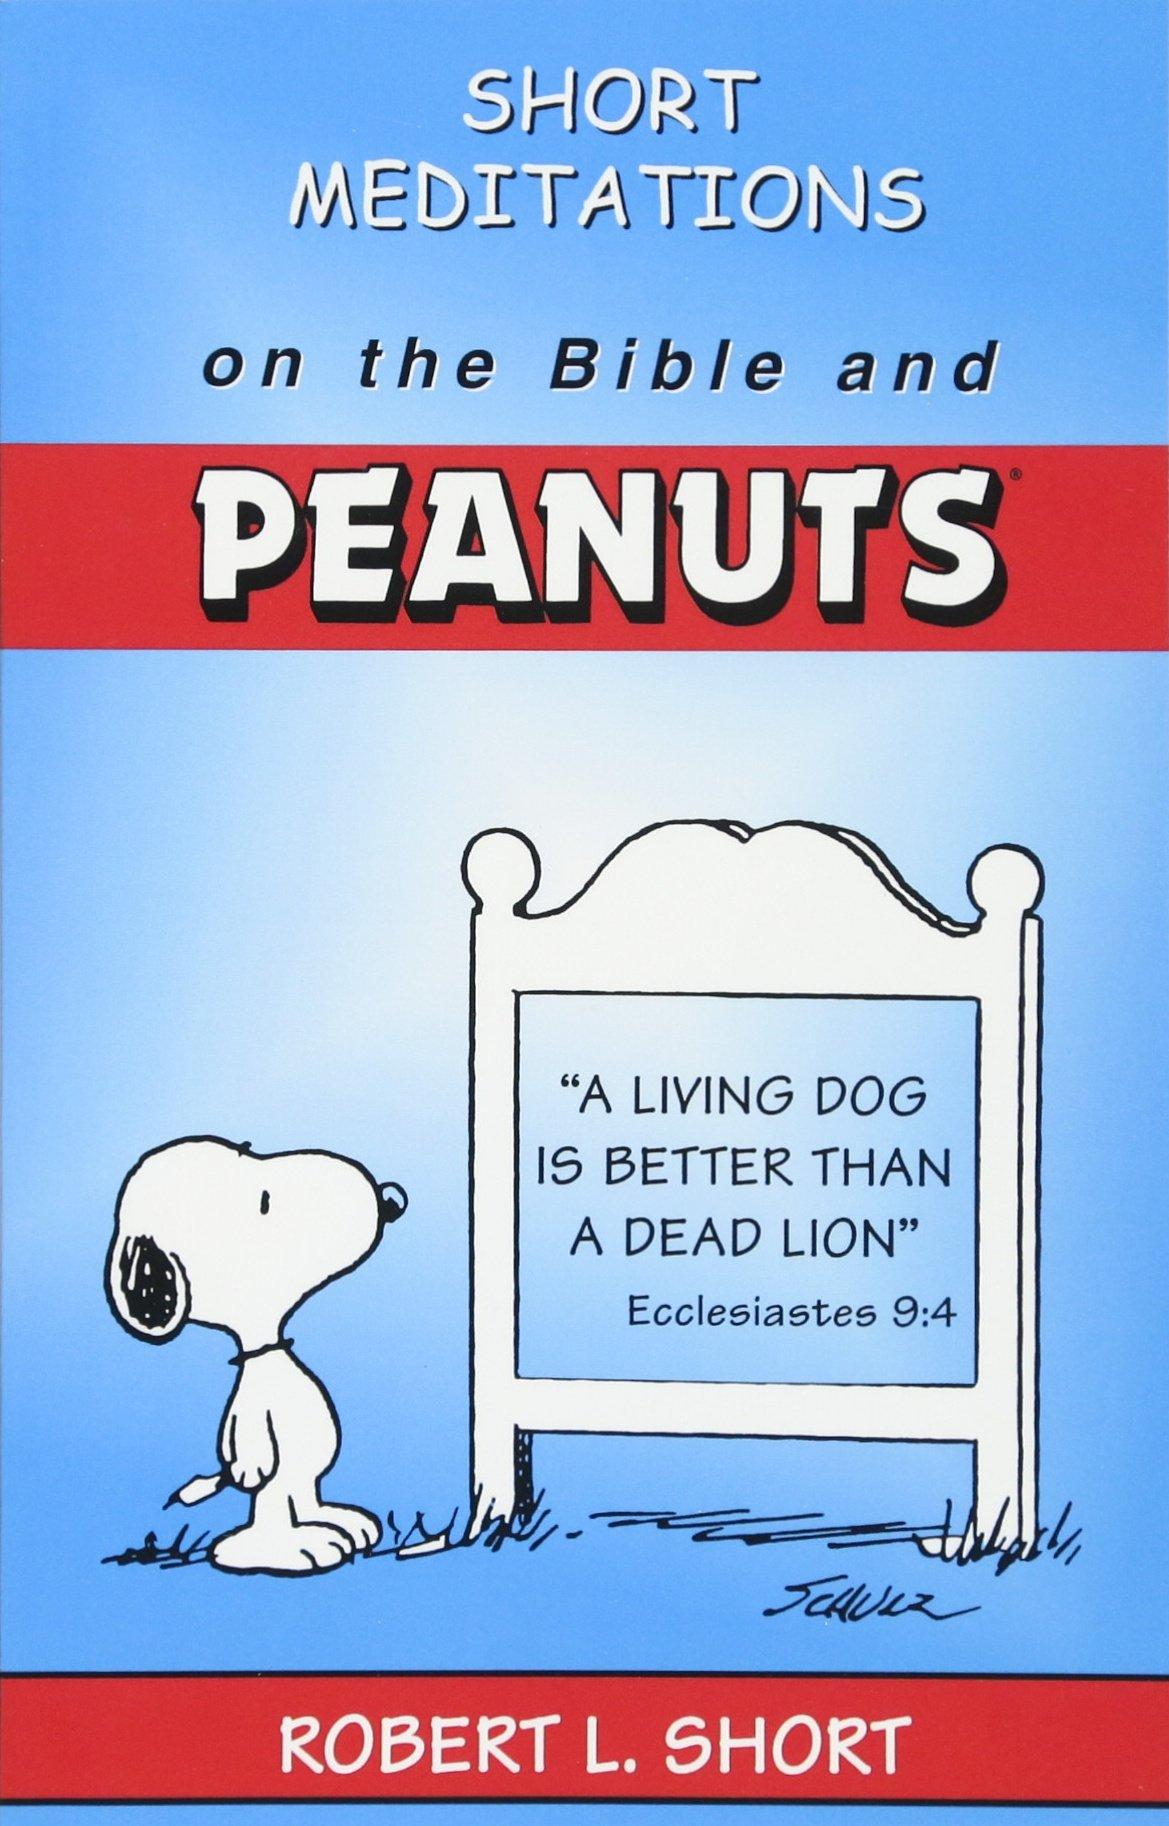 short meditations on the bible and peanuts robert l short